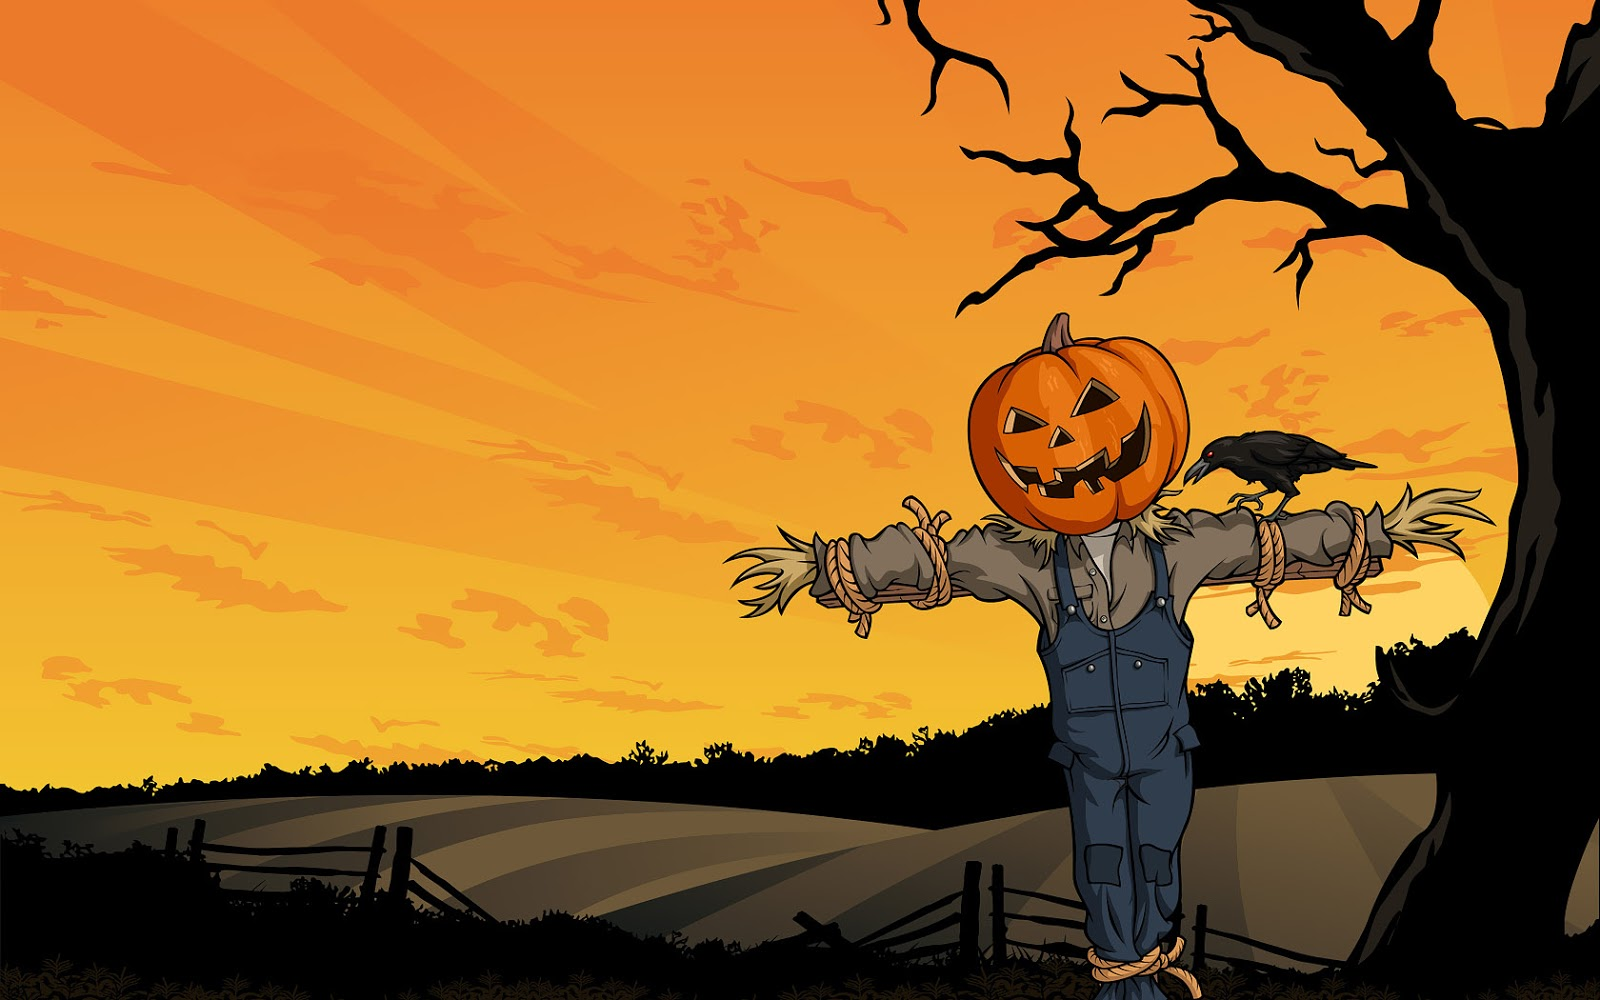 Halloween Wallpapers - Free Halloween Wallpapers